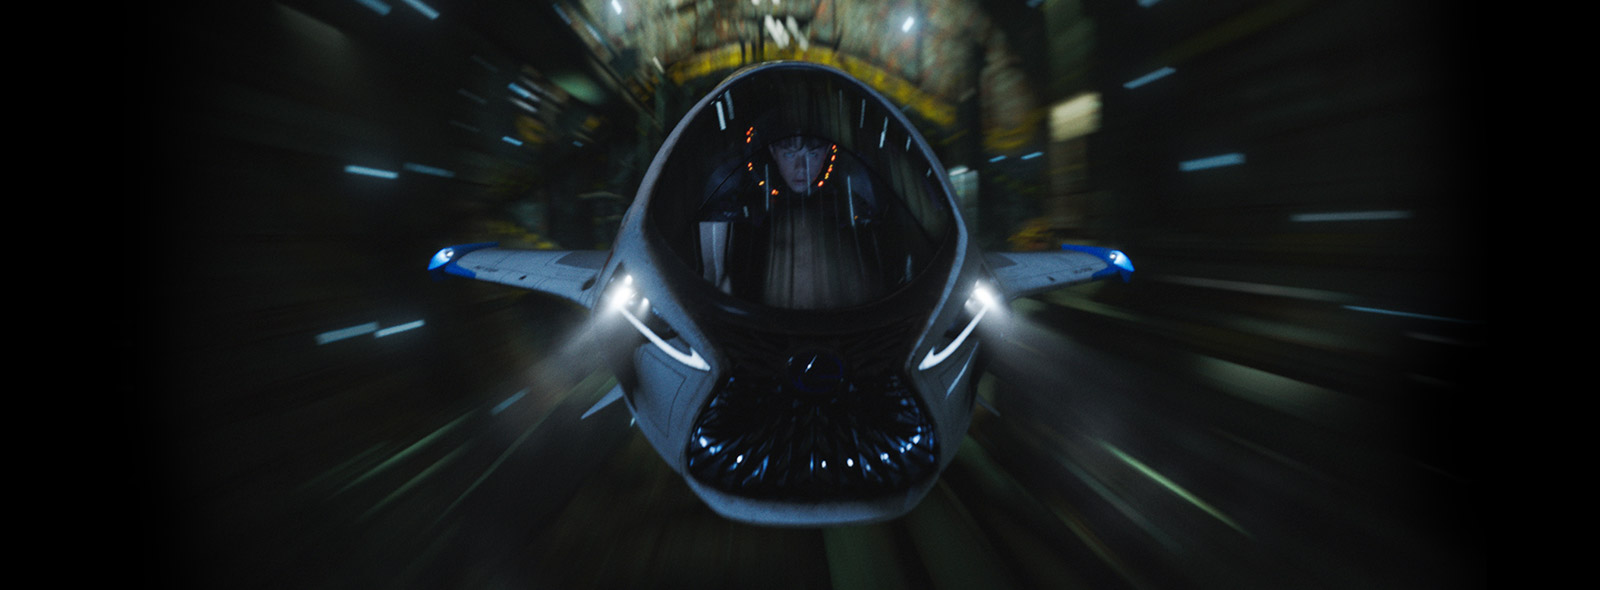 2017 Lexus SKYJET Valerian Gallery 16